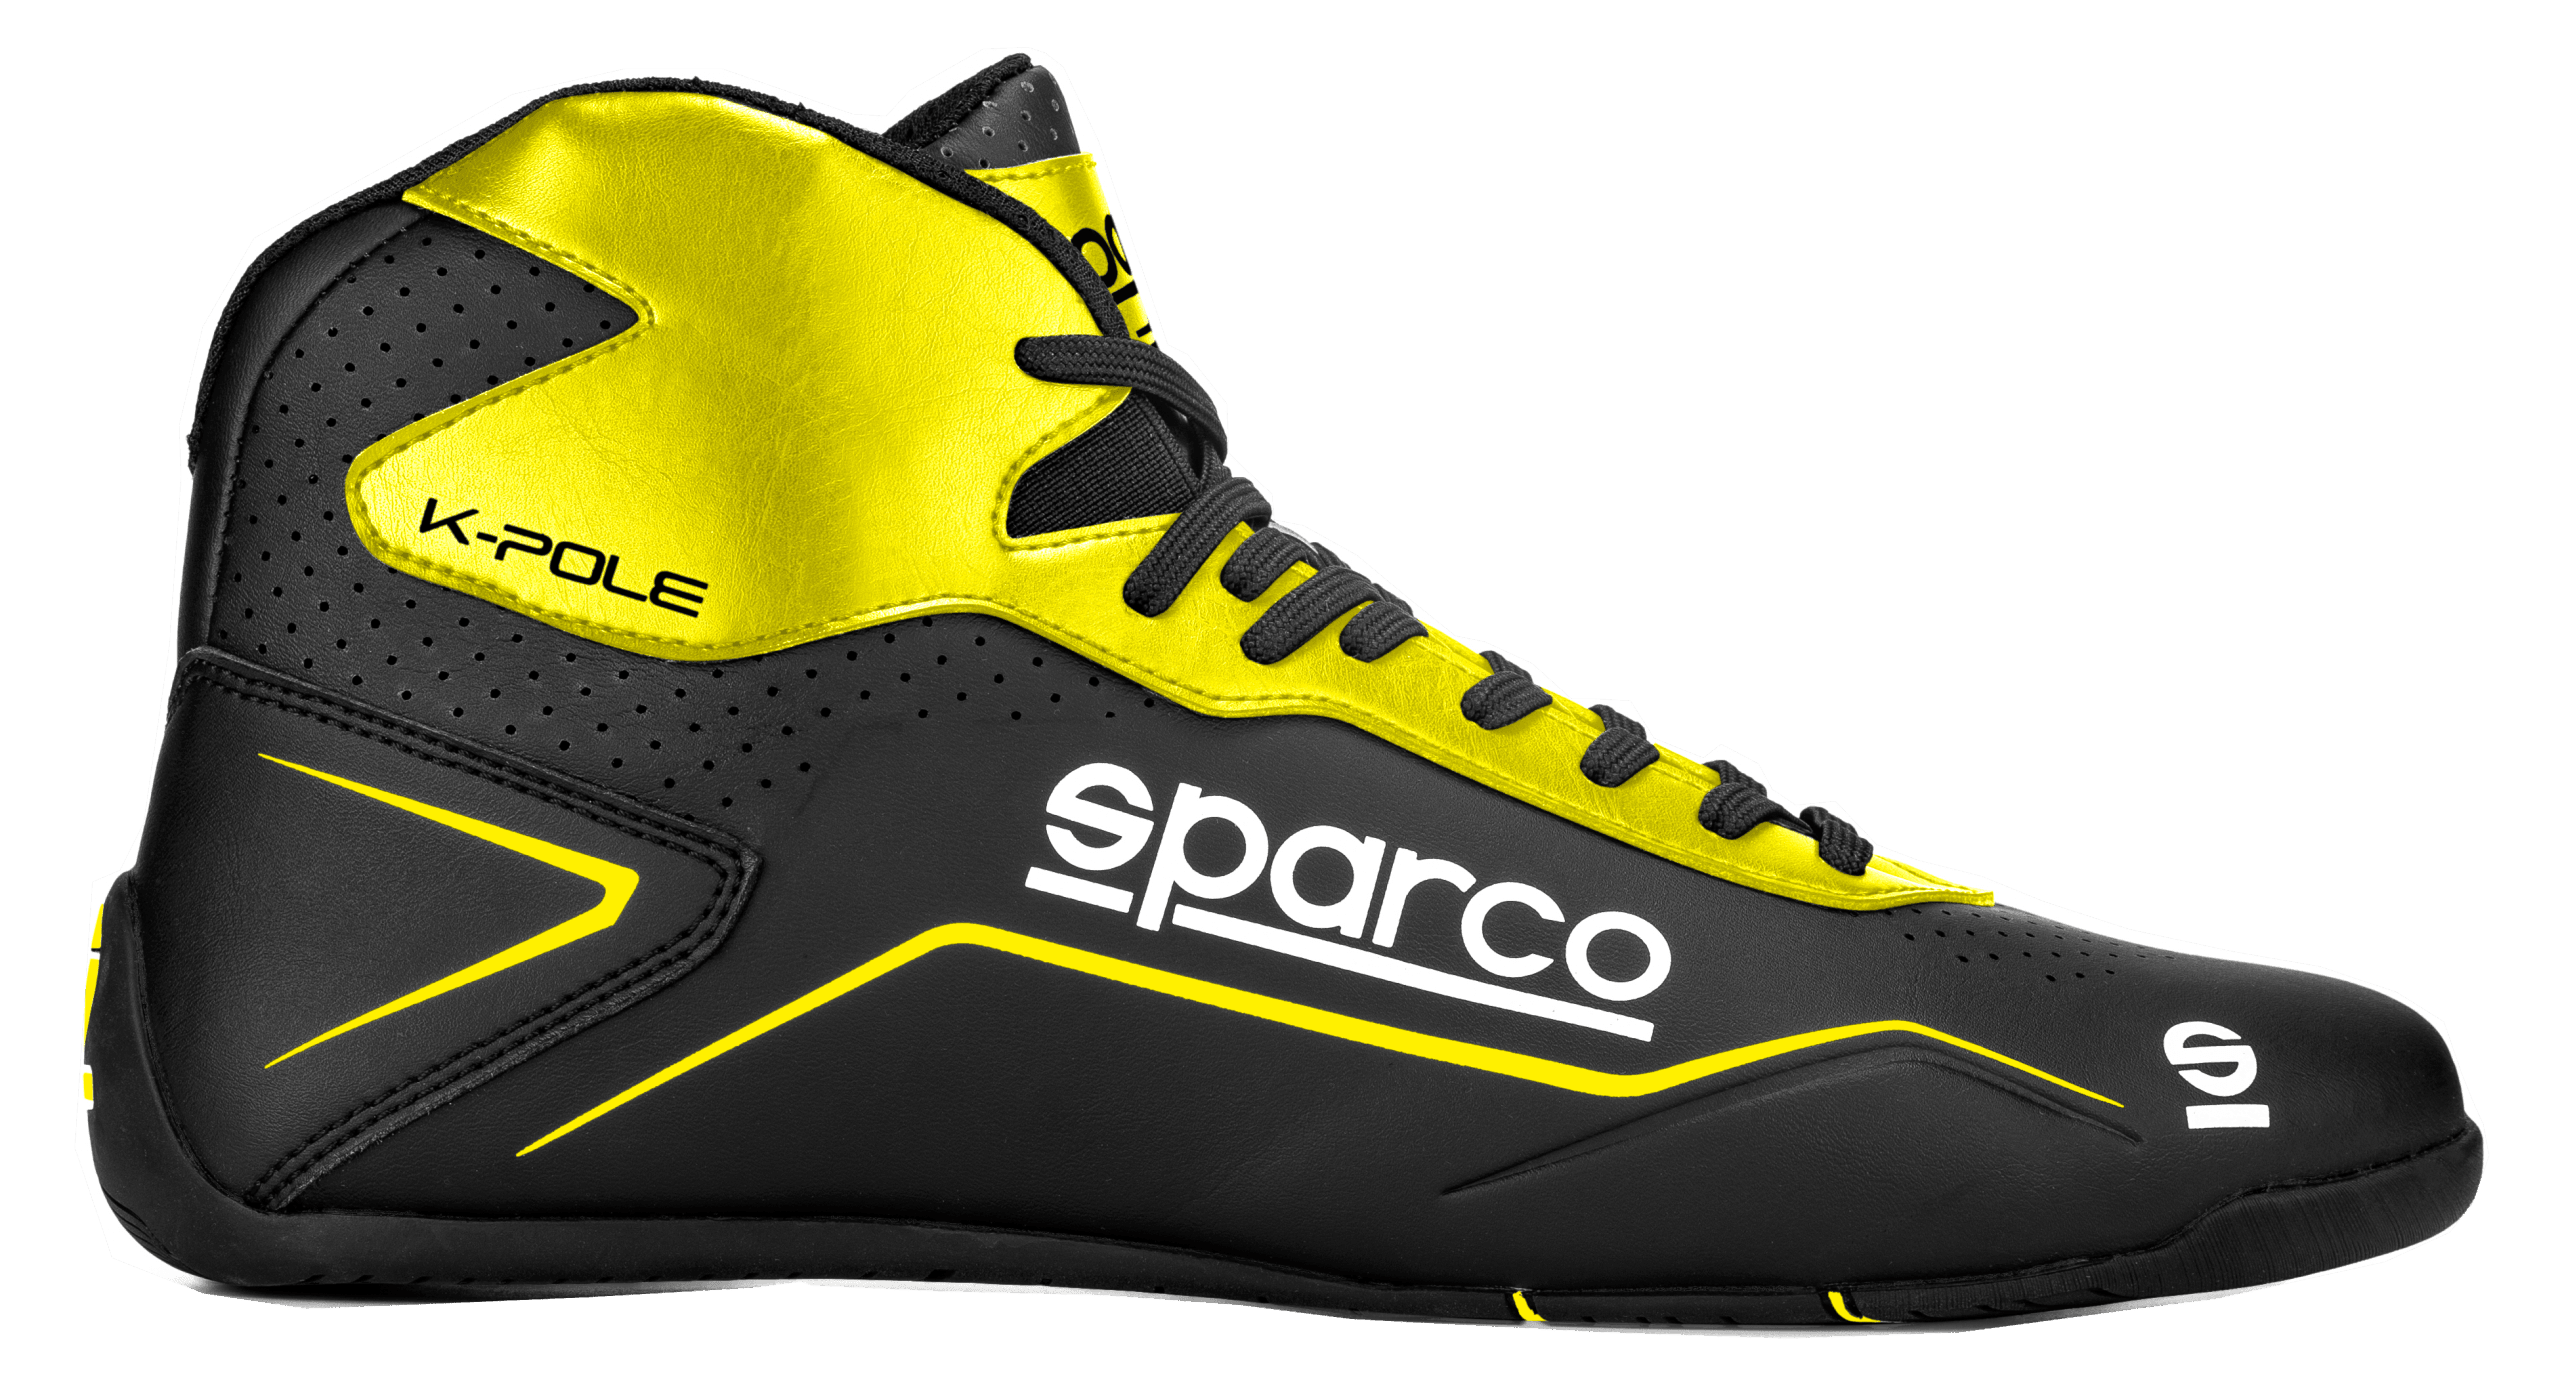 botas-Sparco-k-pole-negro-amarillo